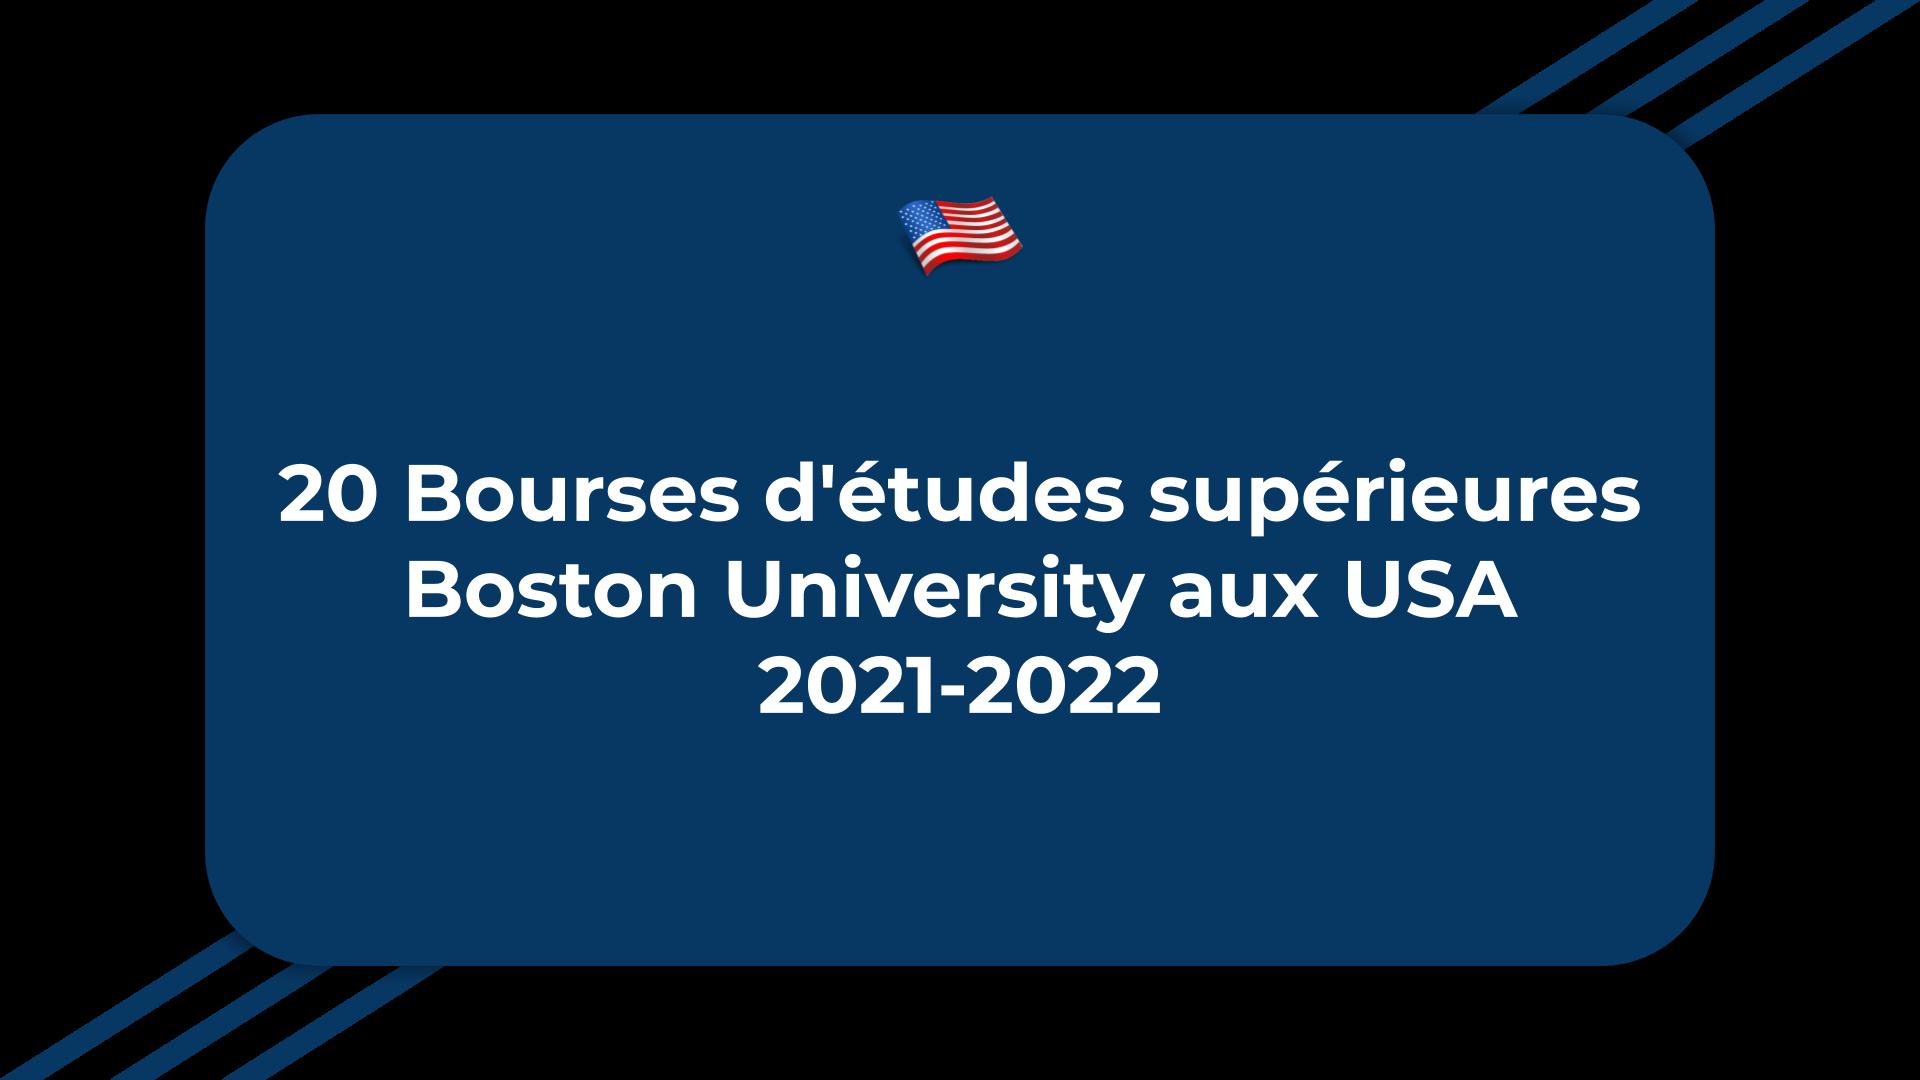 20 Bourses d'études supérieures Boston University